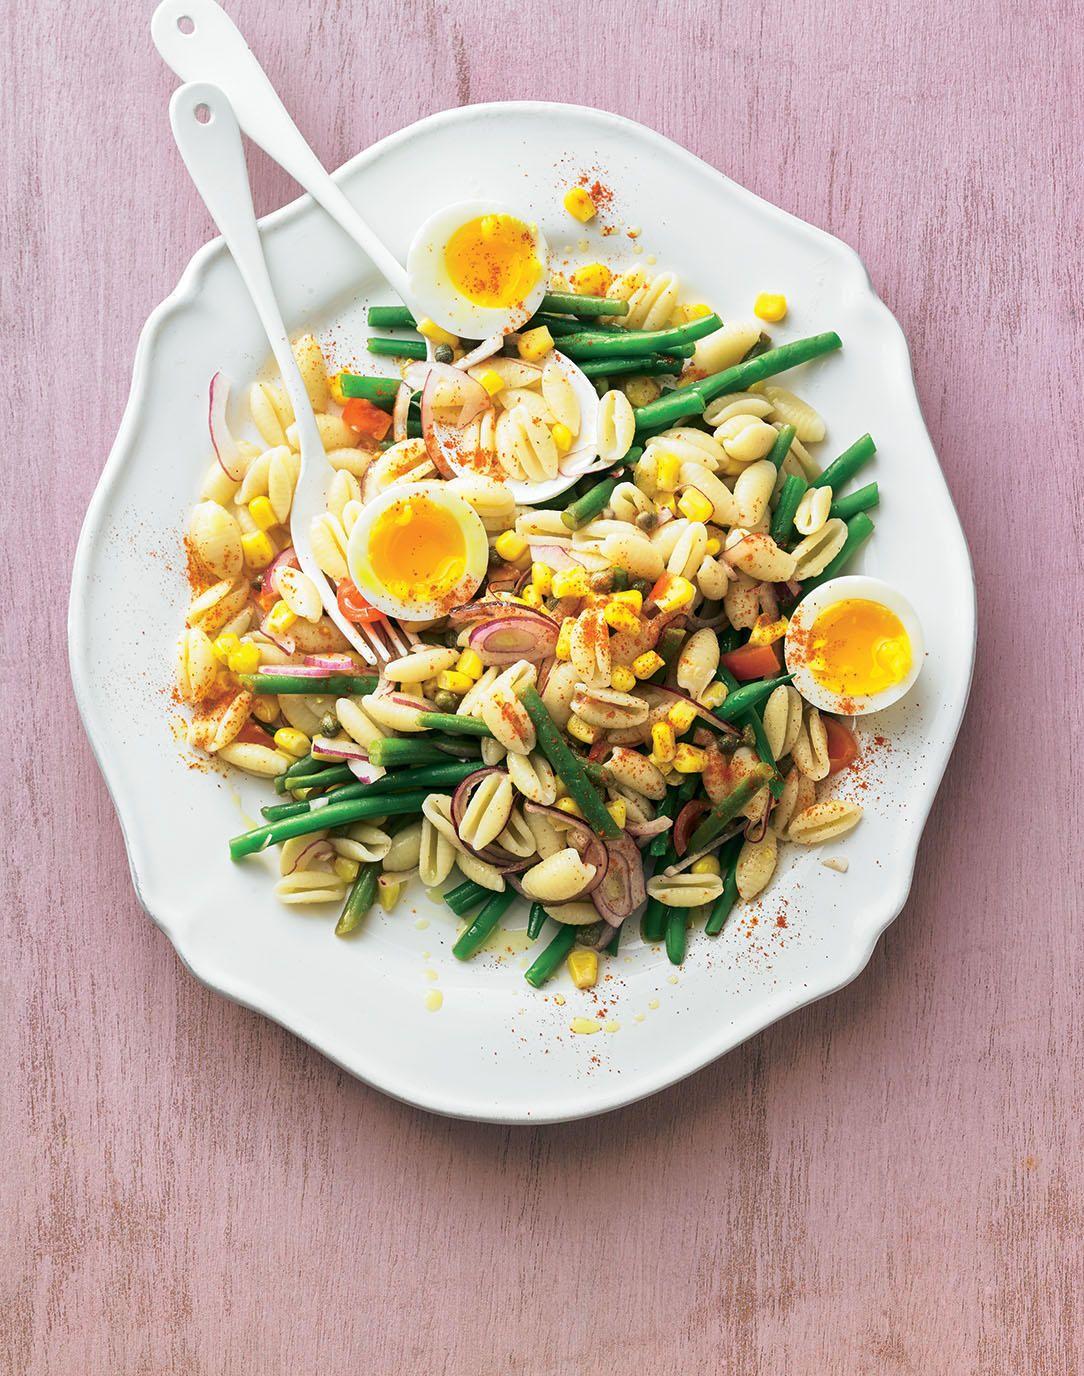 Lauwarmer Nudelsalat mit Garnelen, Avocado, Tomaten und Ei